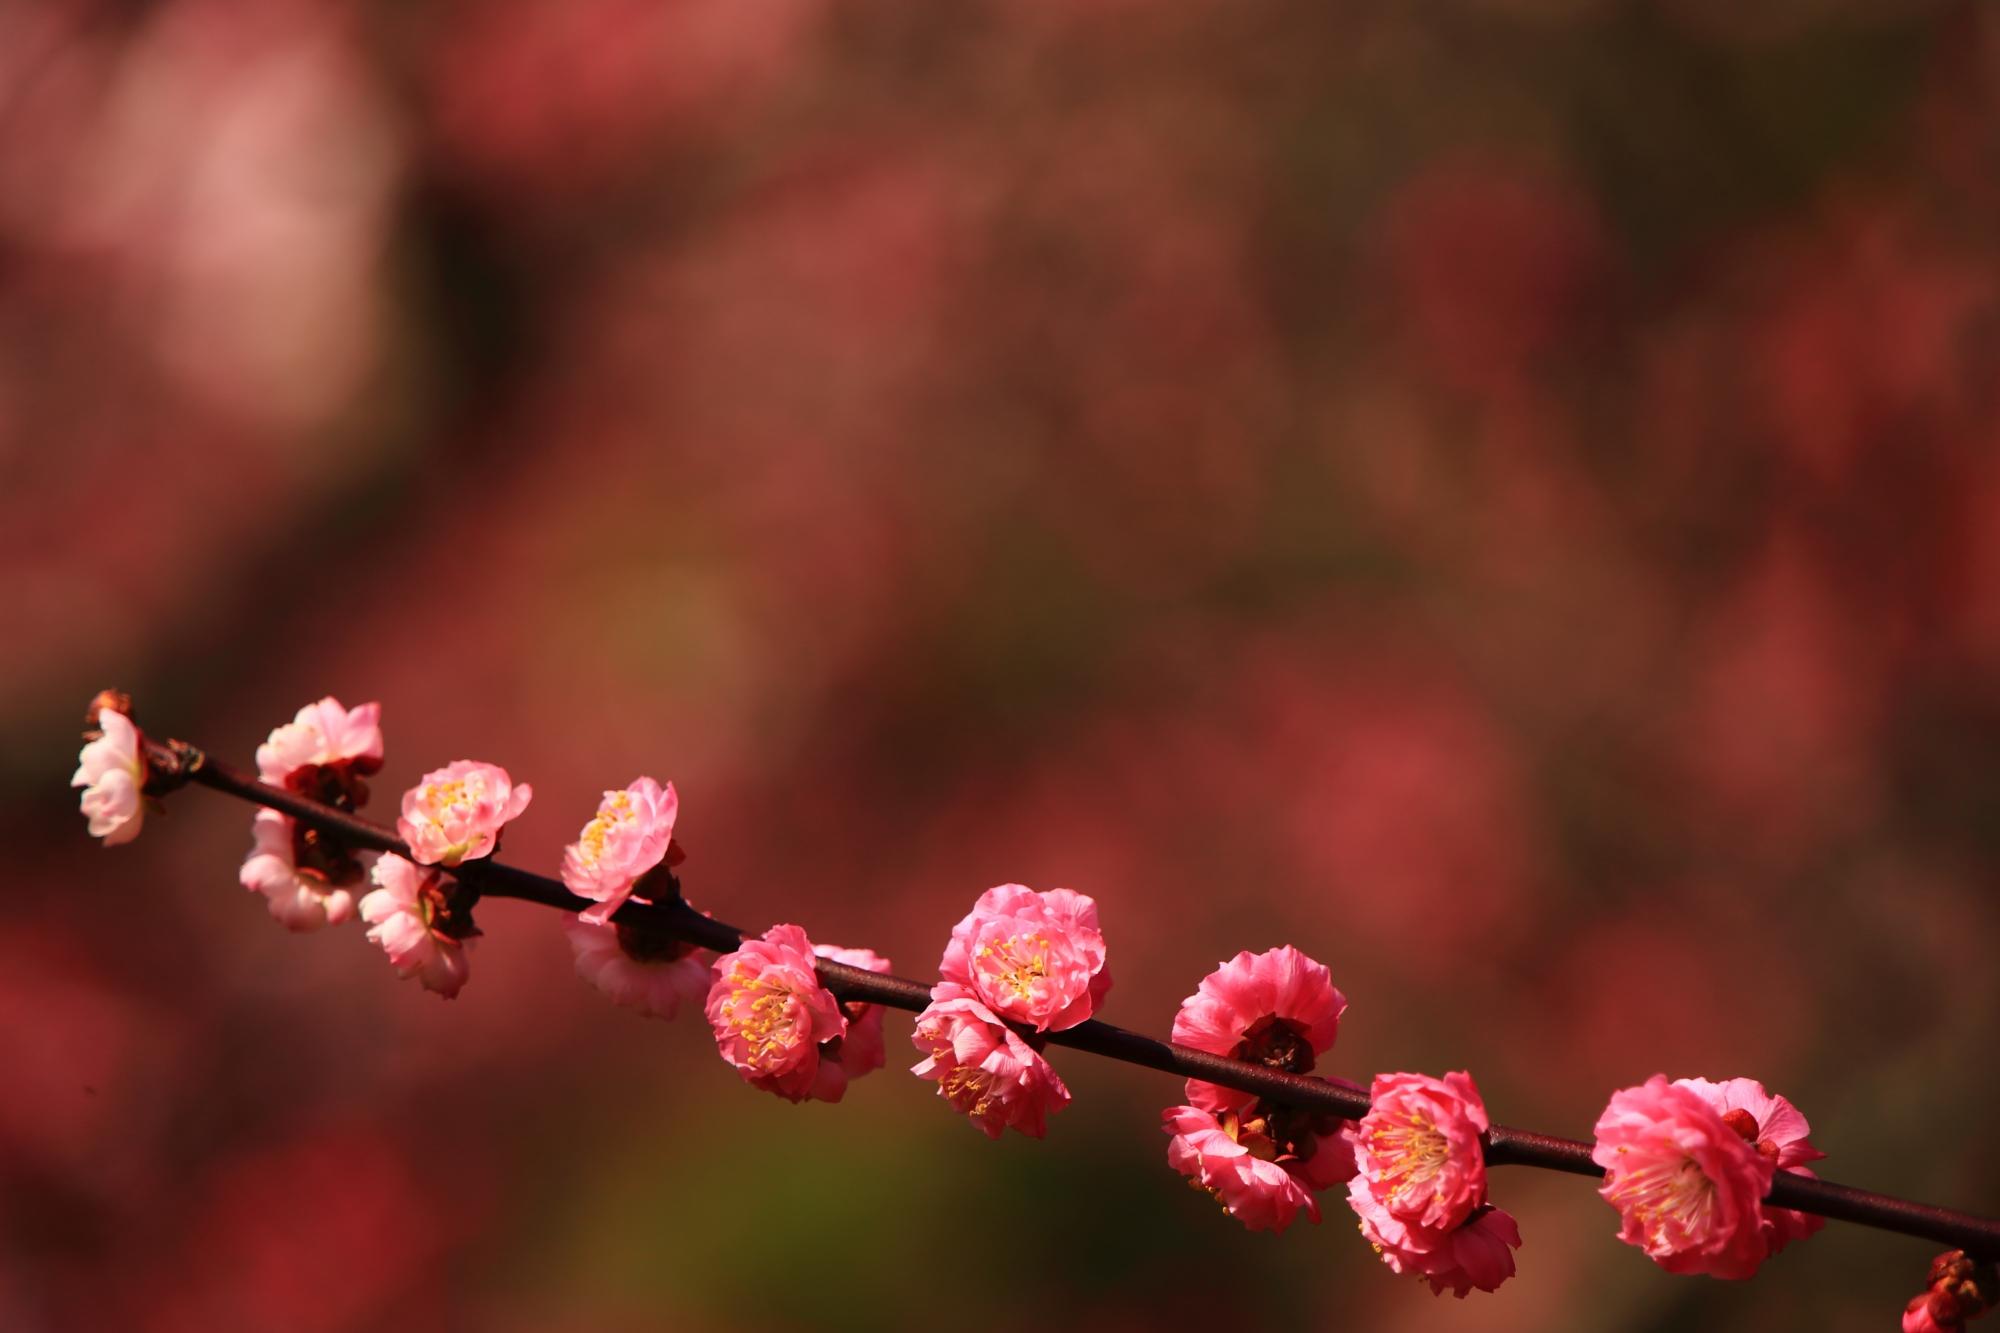 等間隔で咲く梅の花